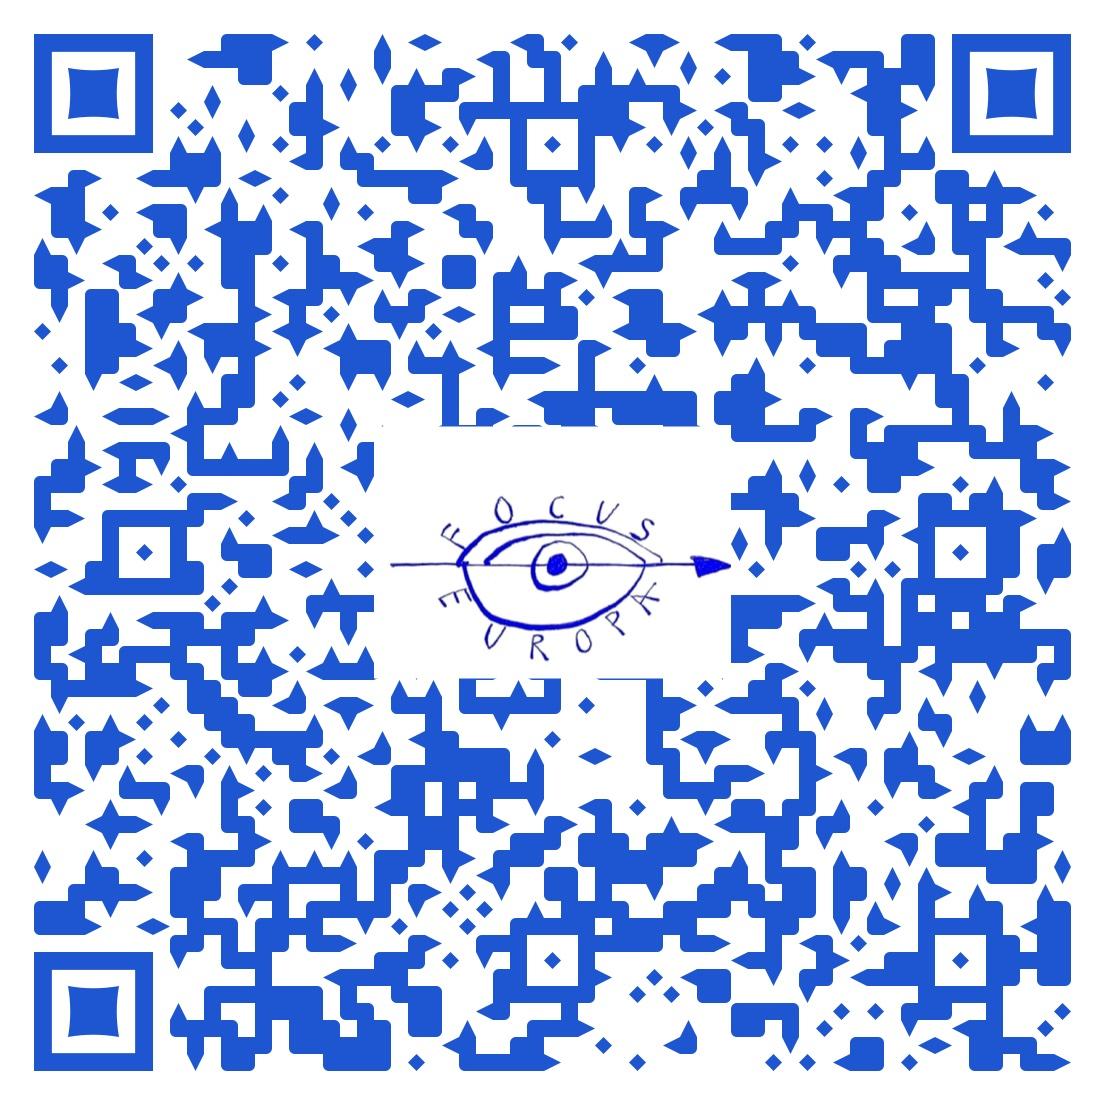 FlyerErste virtuelle Ausstellung  von focus-europa e.V.